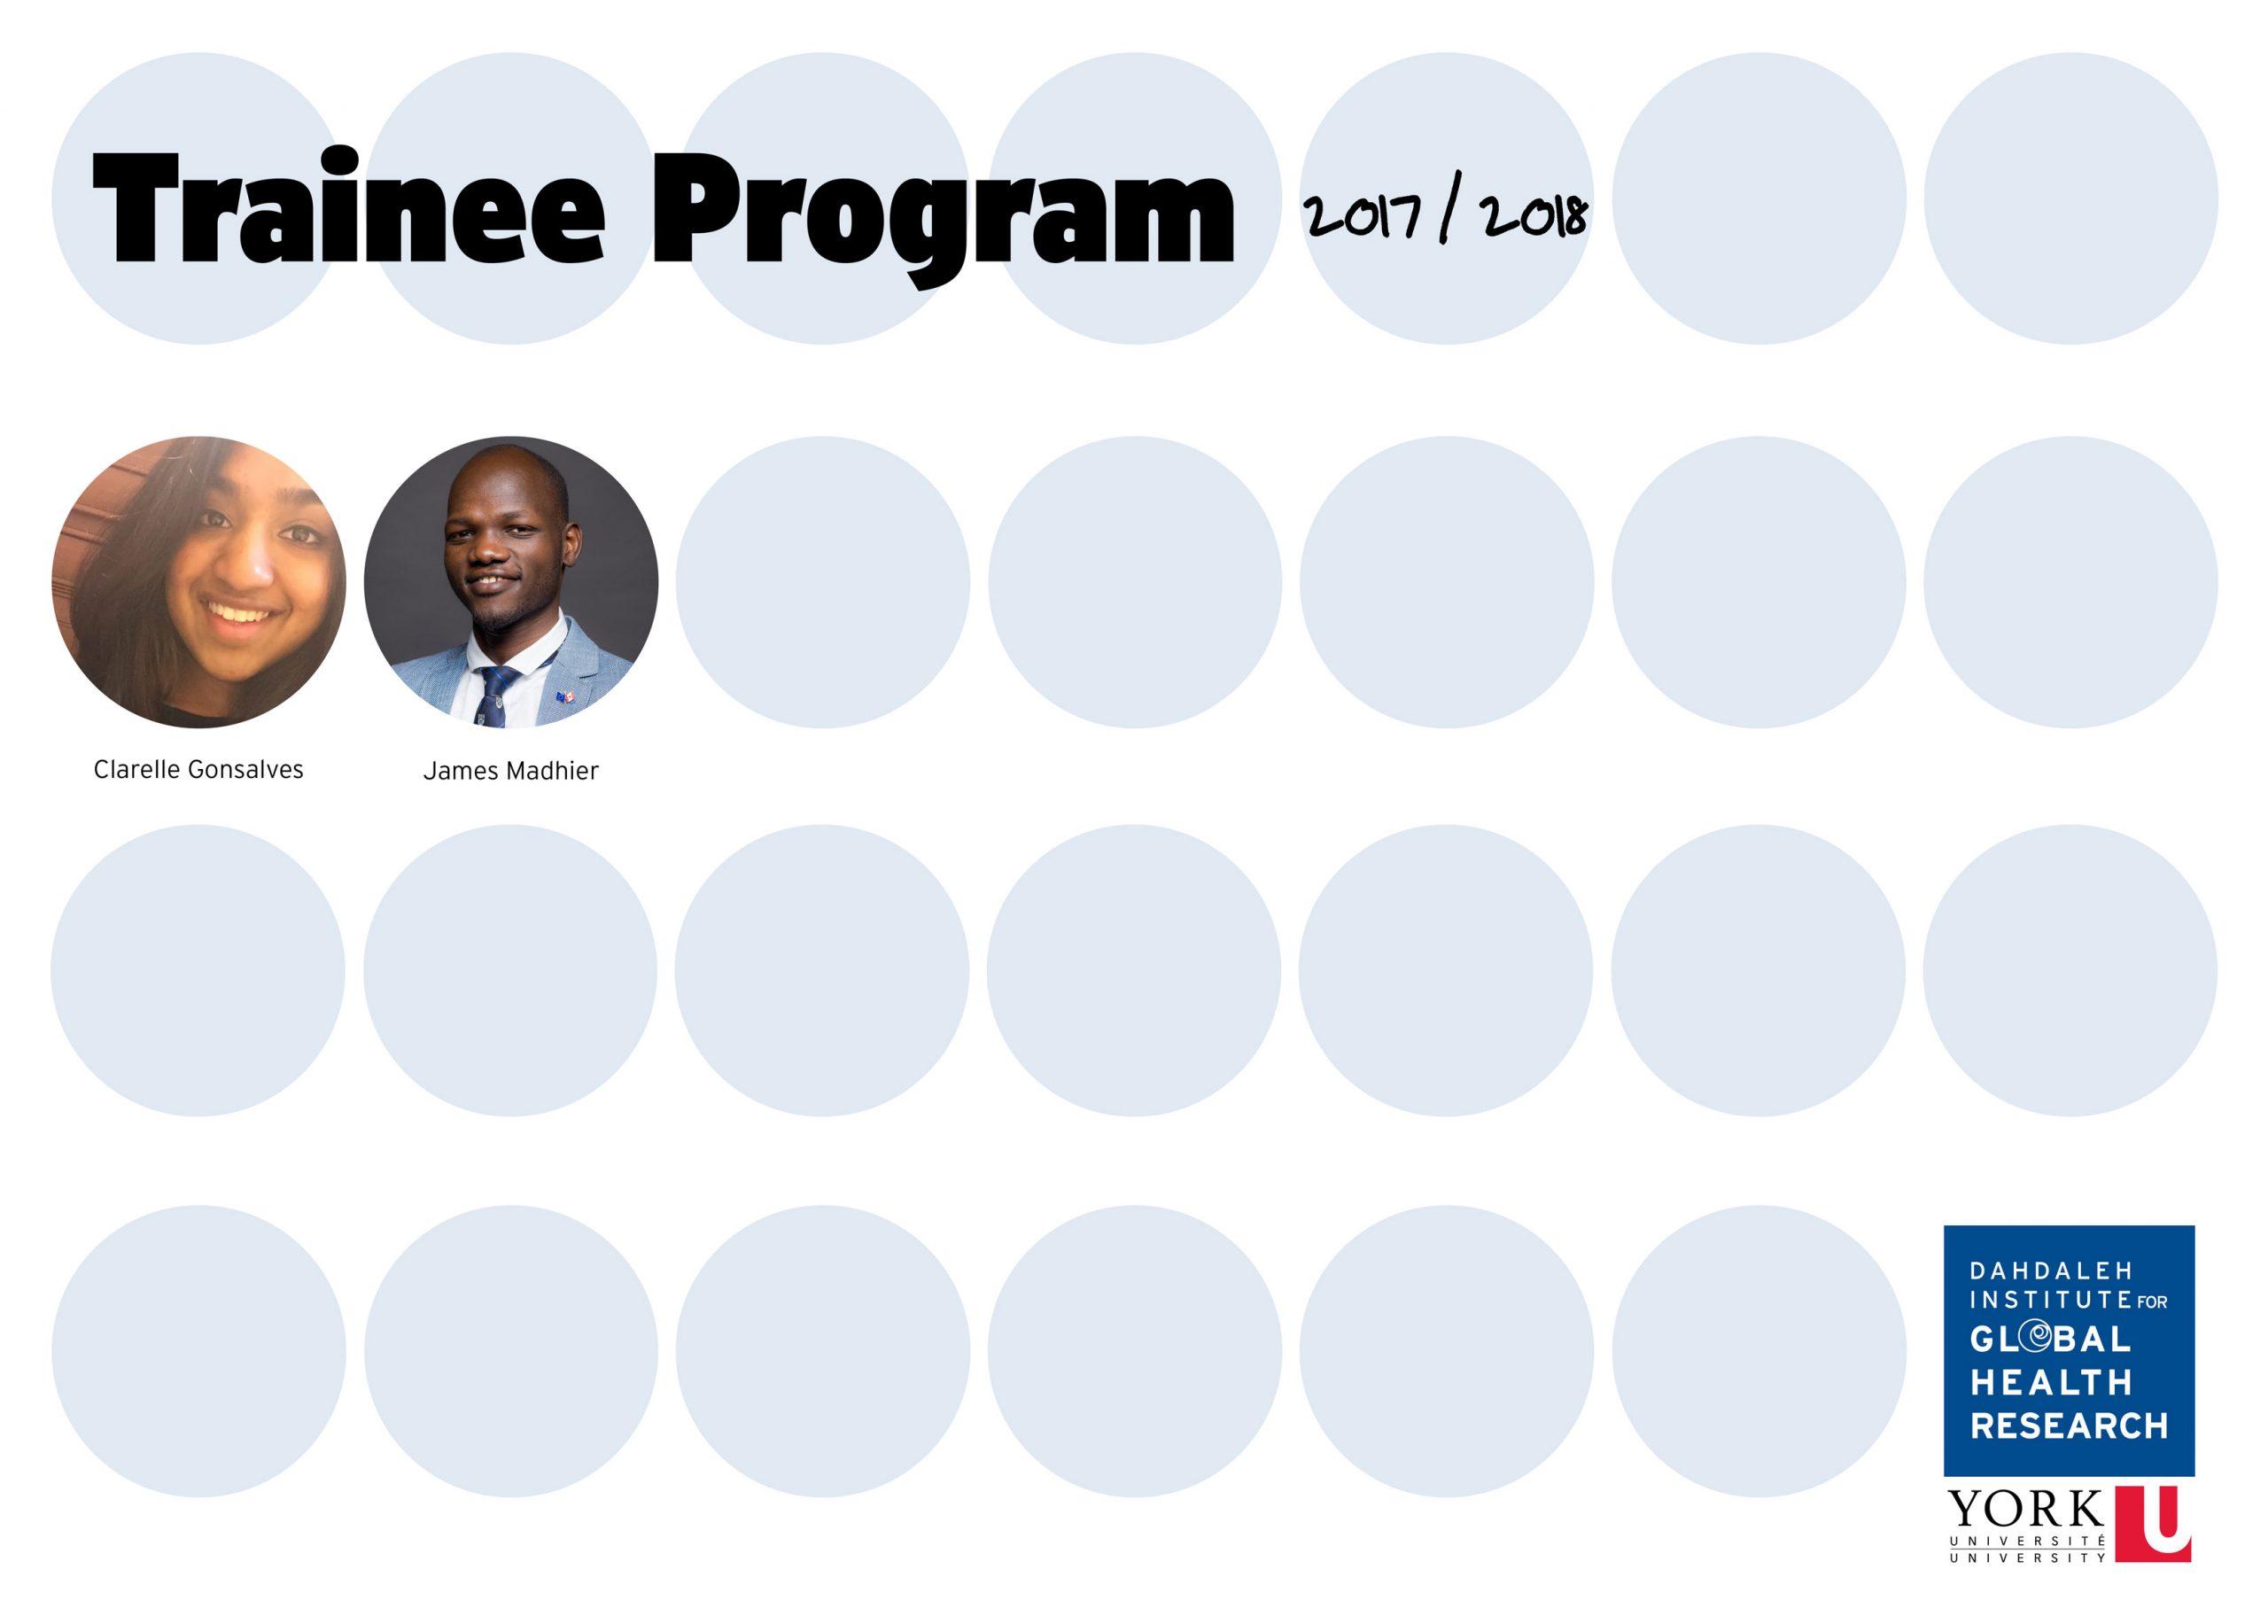 Trainee Program 2017-2018